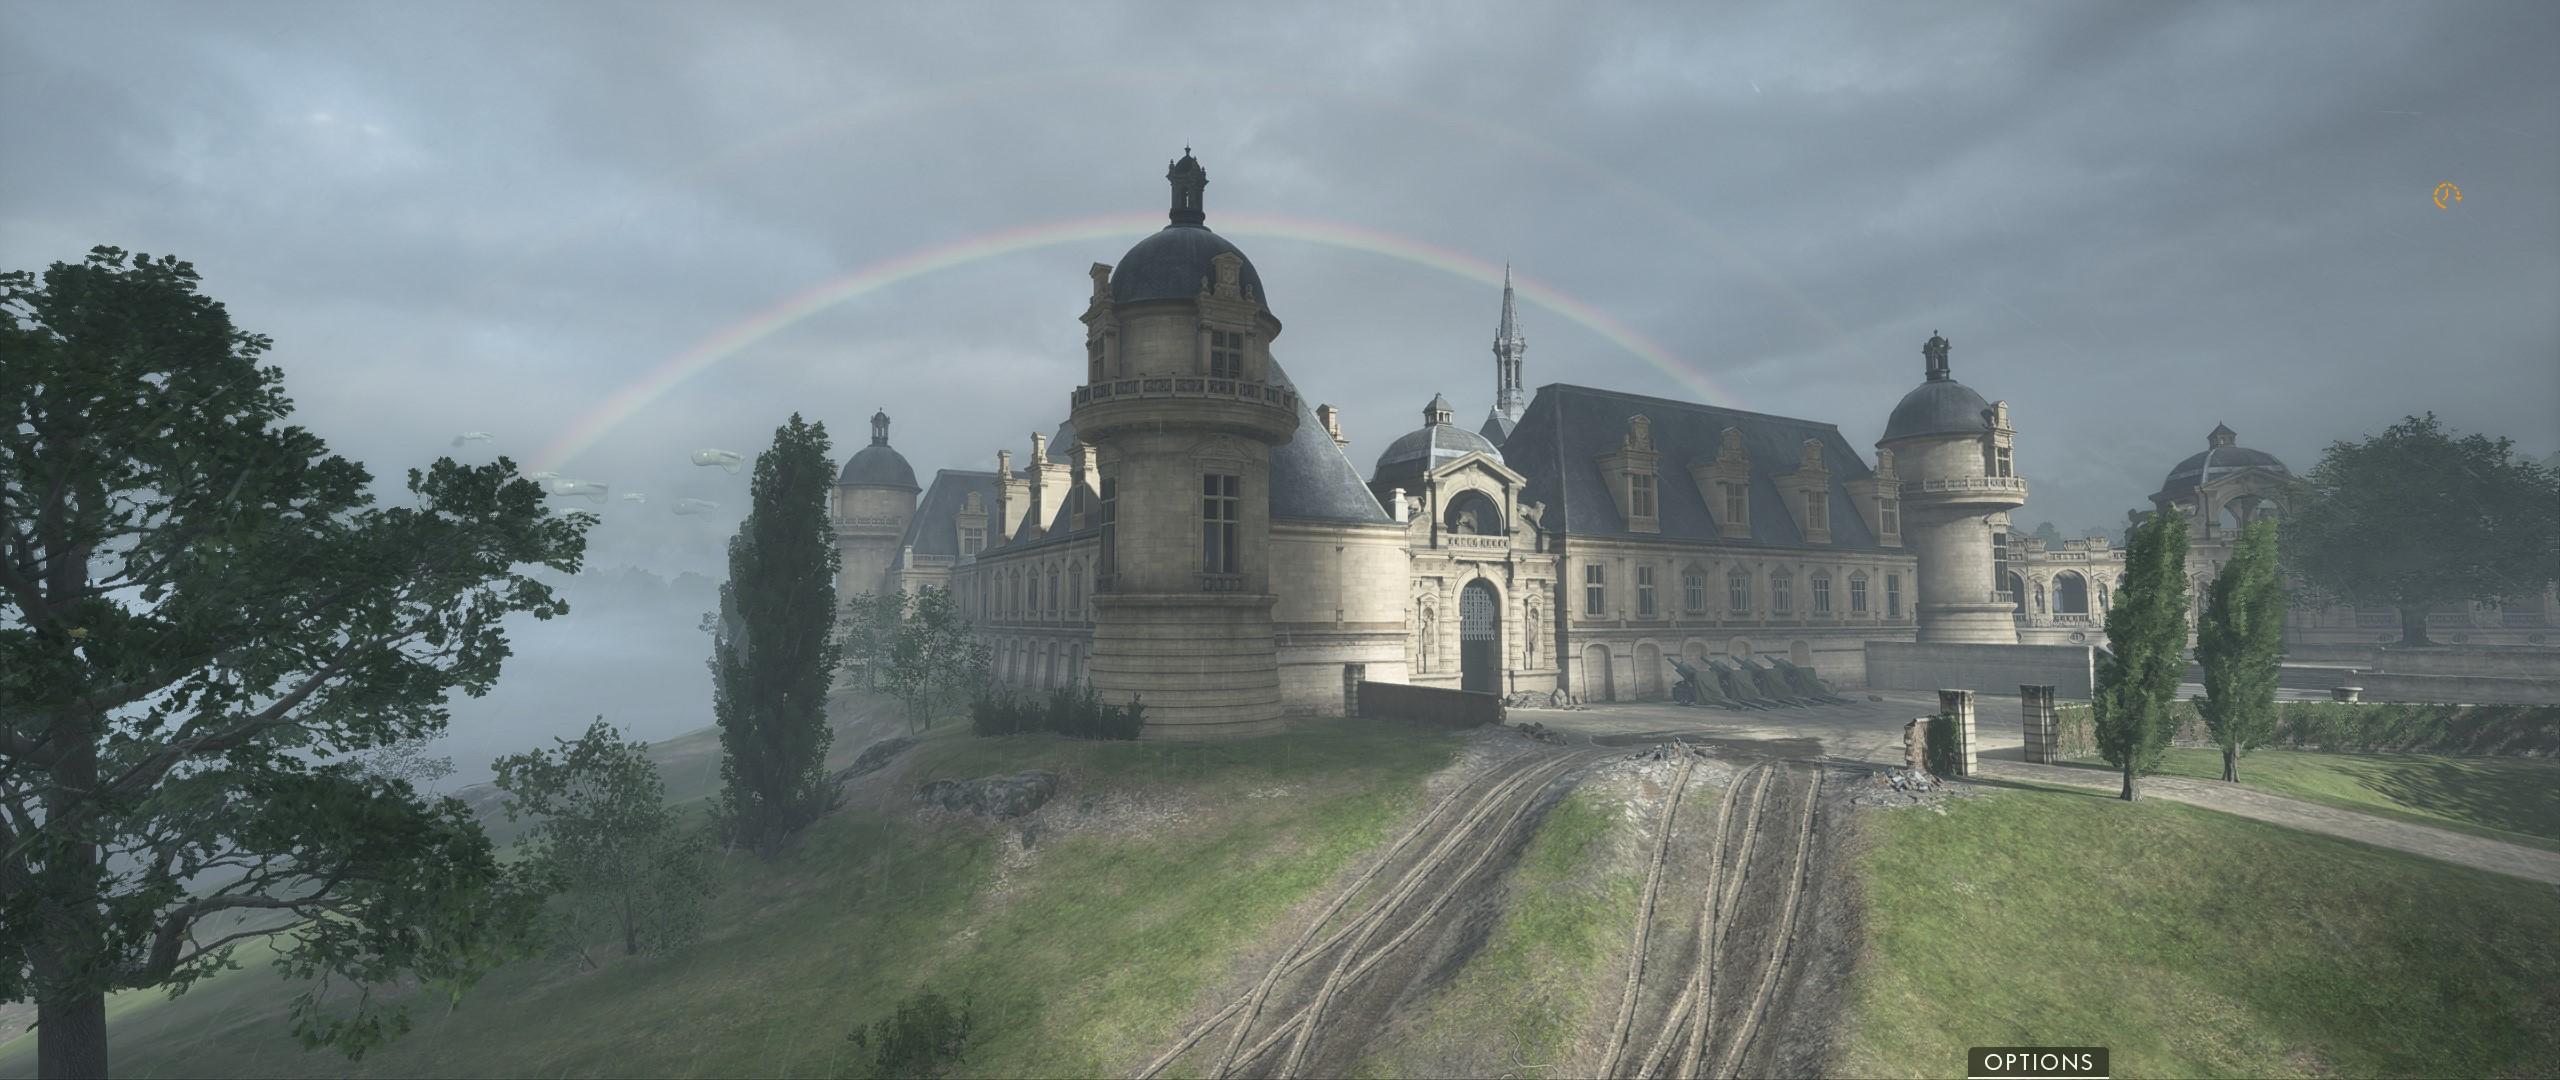 chateau (21).jpg